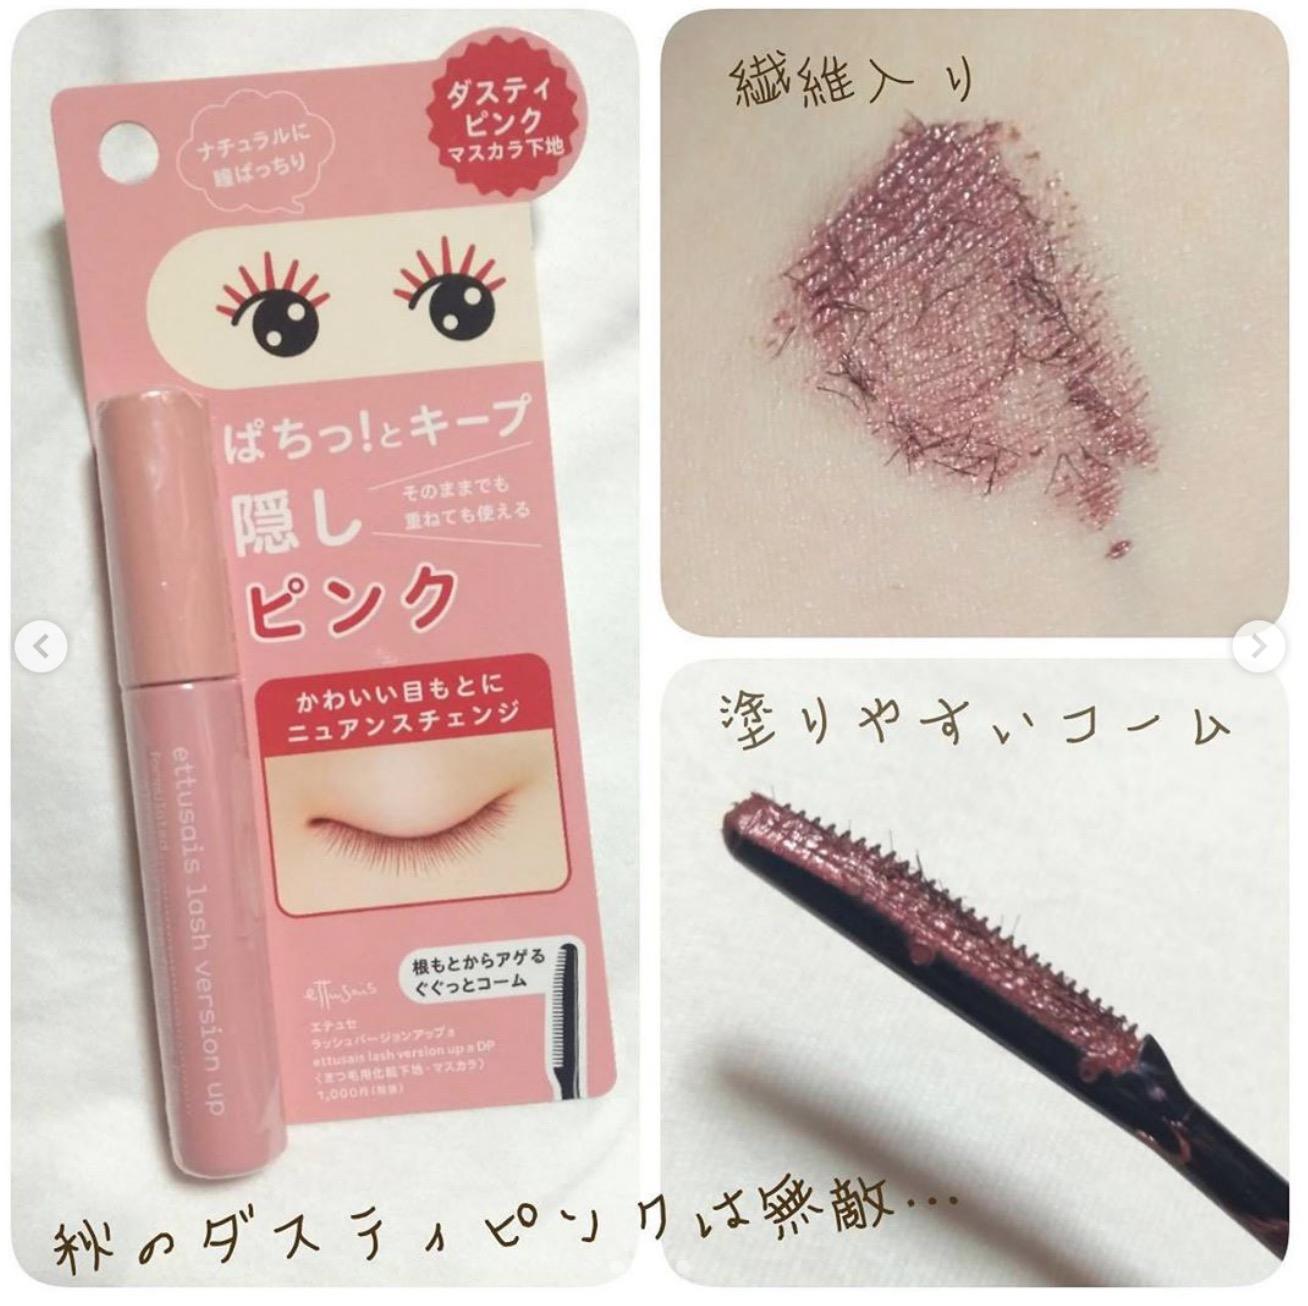 艾杜紗髒粉色睫毛膏